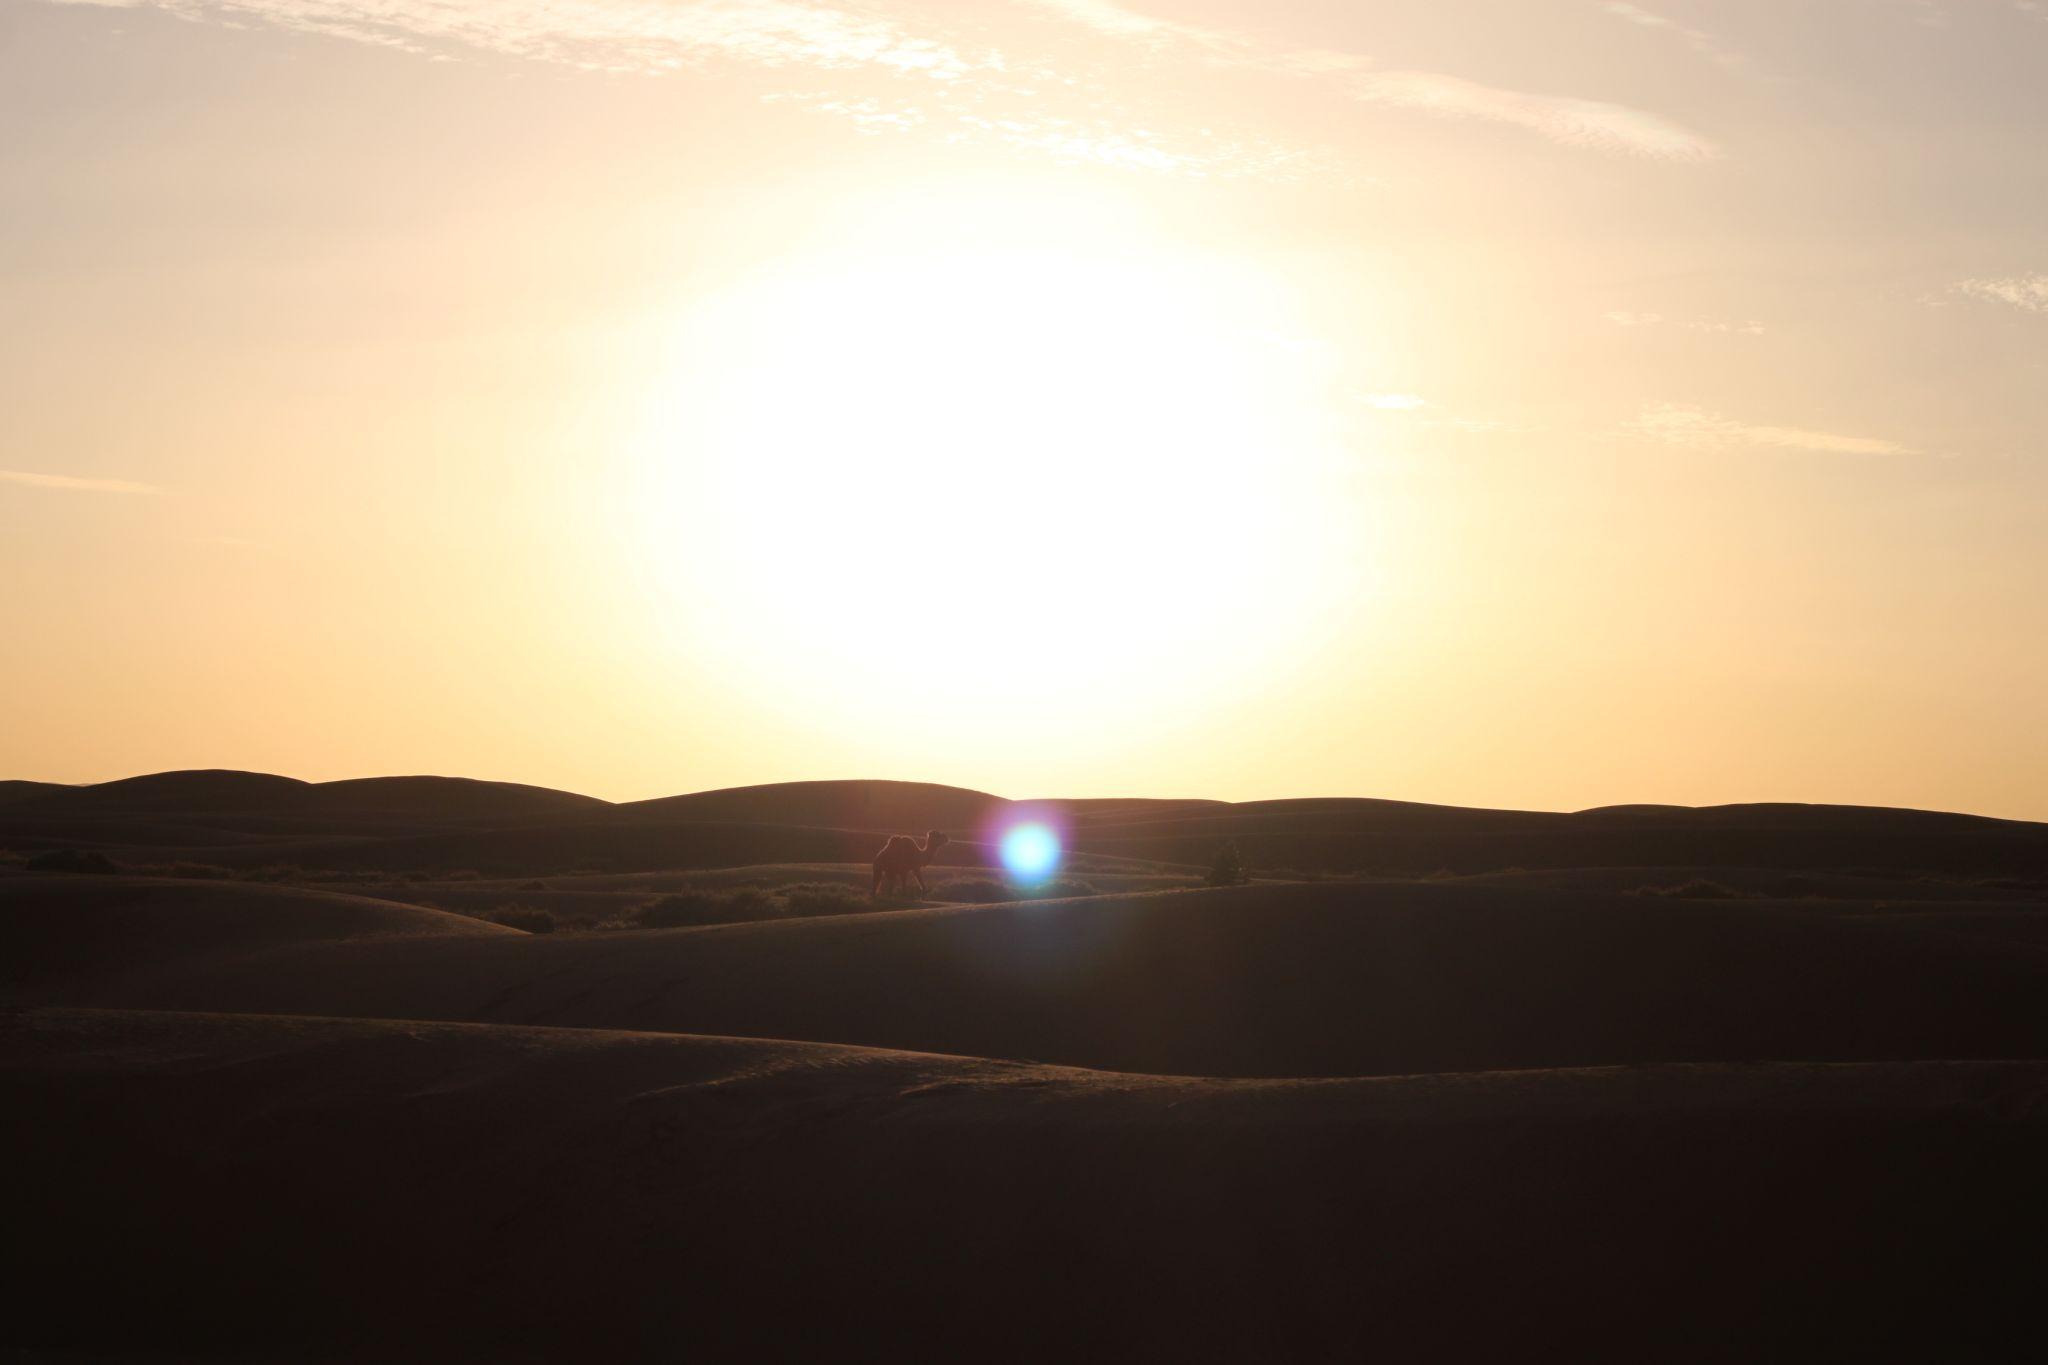 砂漠と星と男たち